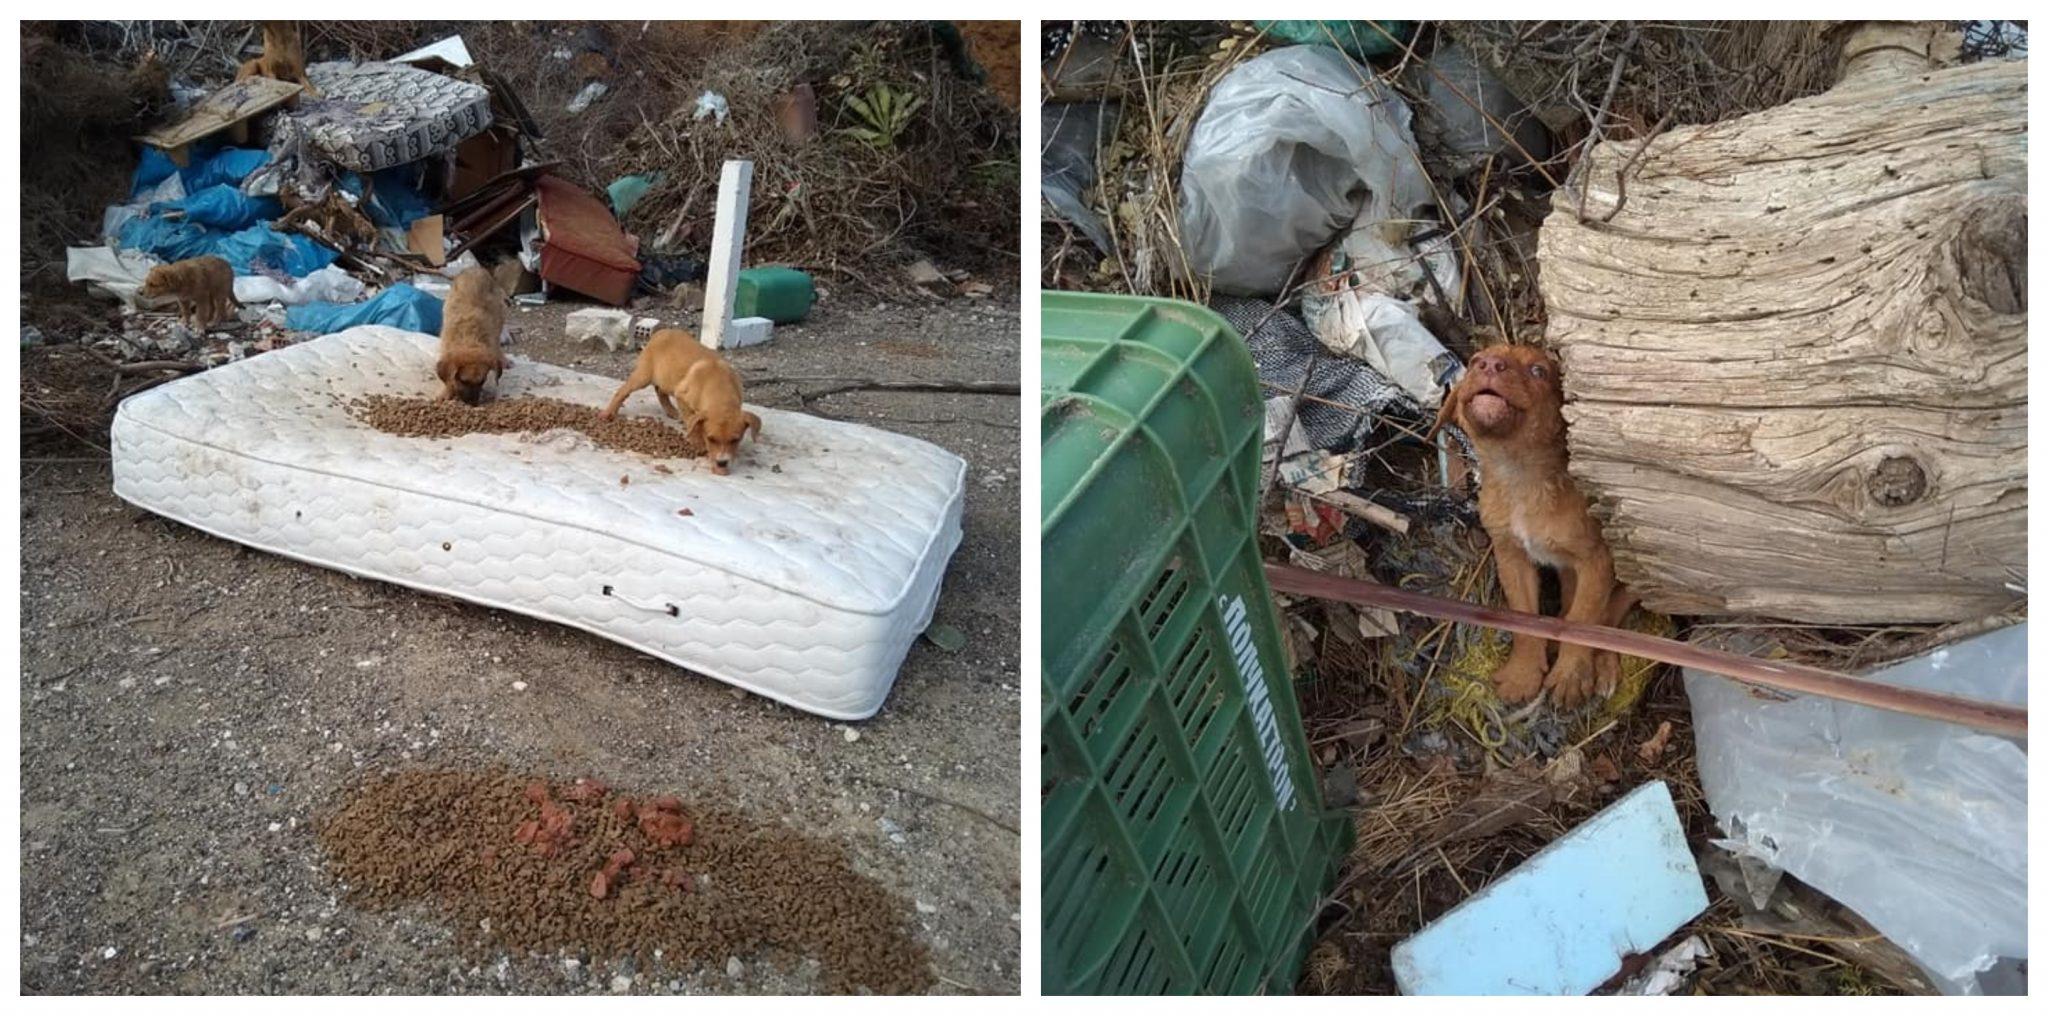 Ντροπή: Γεμάτη κουτάβια η χωματερή Λουτρακίου αλλά ο Δήμος συνεχίζει να μη νοιάζεται